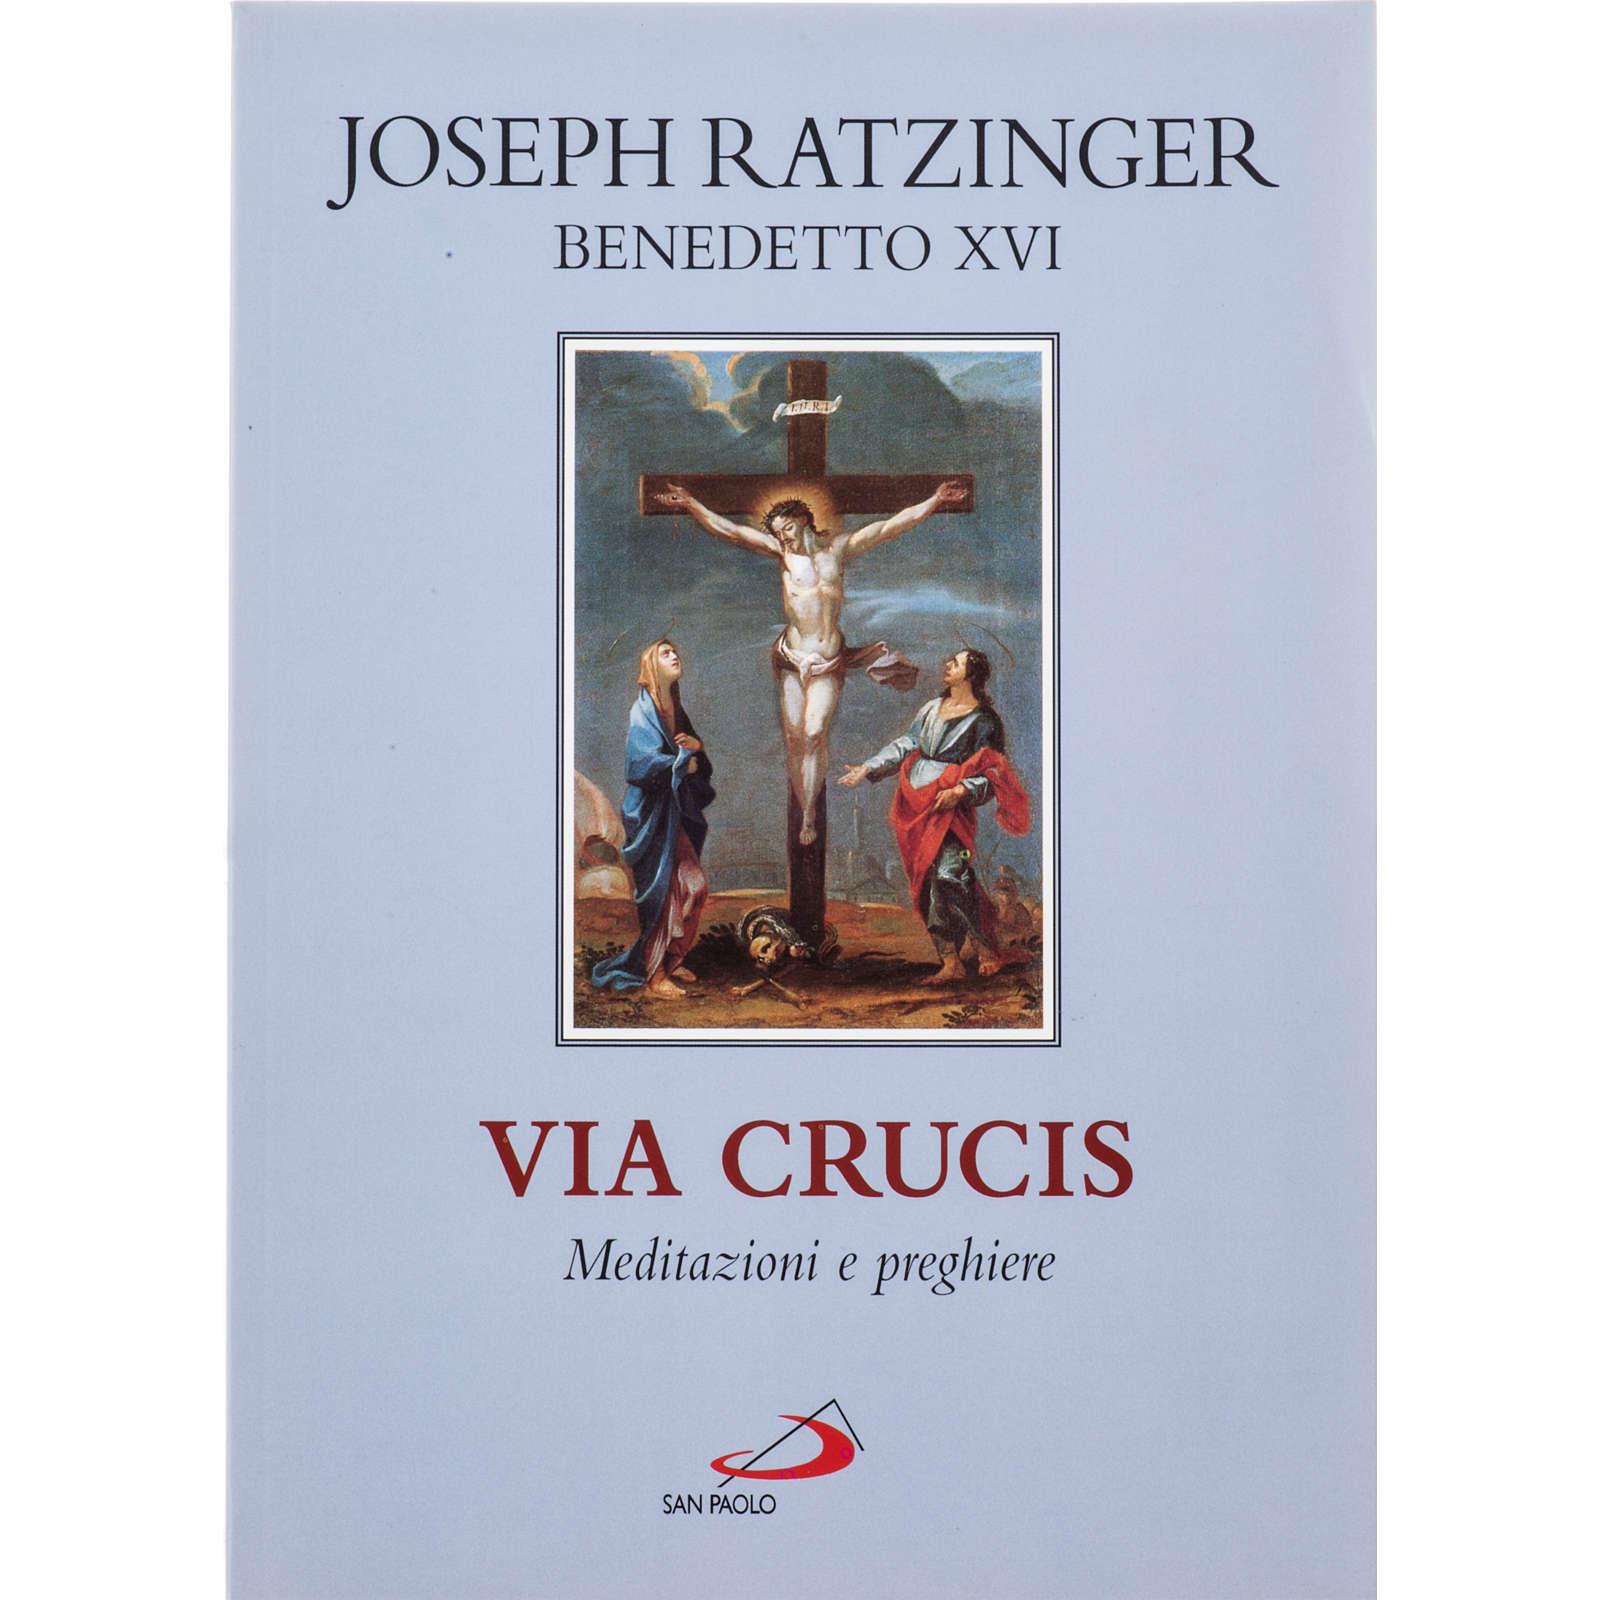 Via Crucis meditazioni e preghiere di Benedetto XVI 4